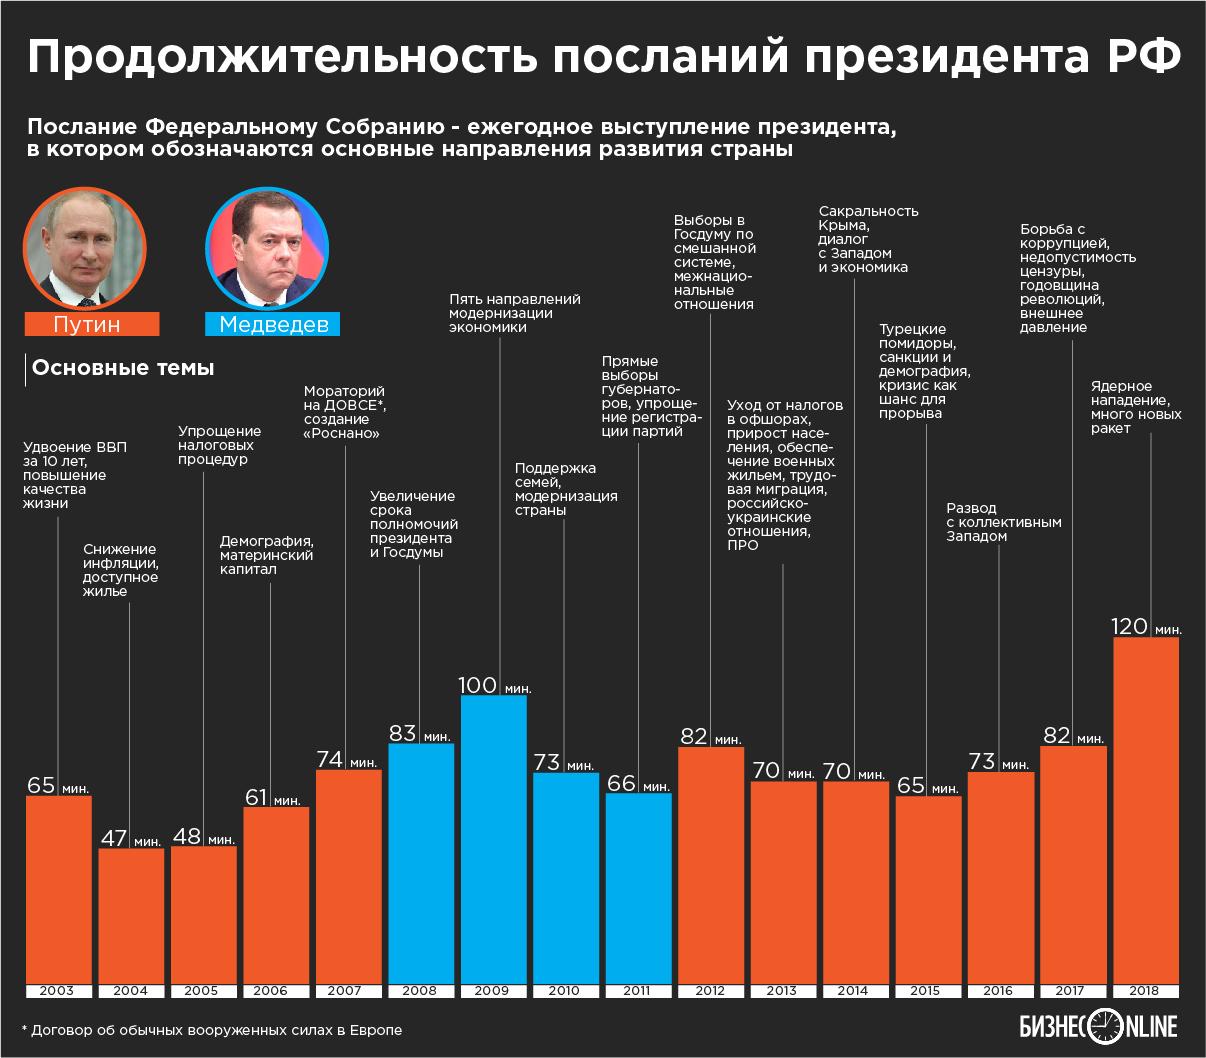 СМИ узнали, о чем расскажет Путин в послании Федеральному Собранию